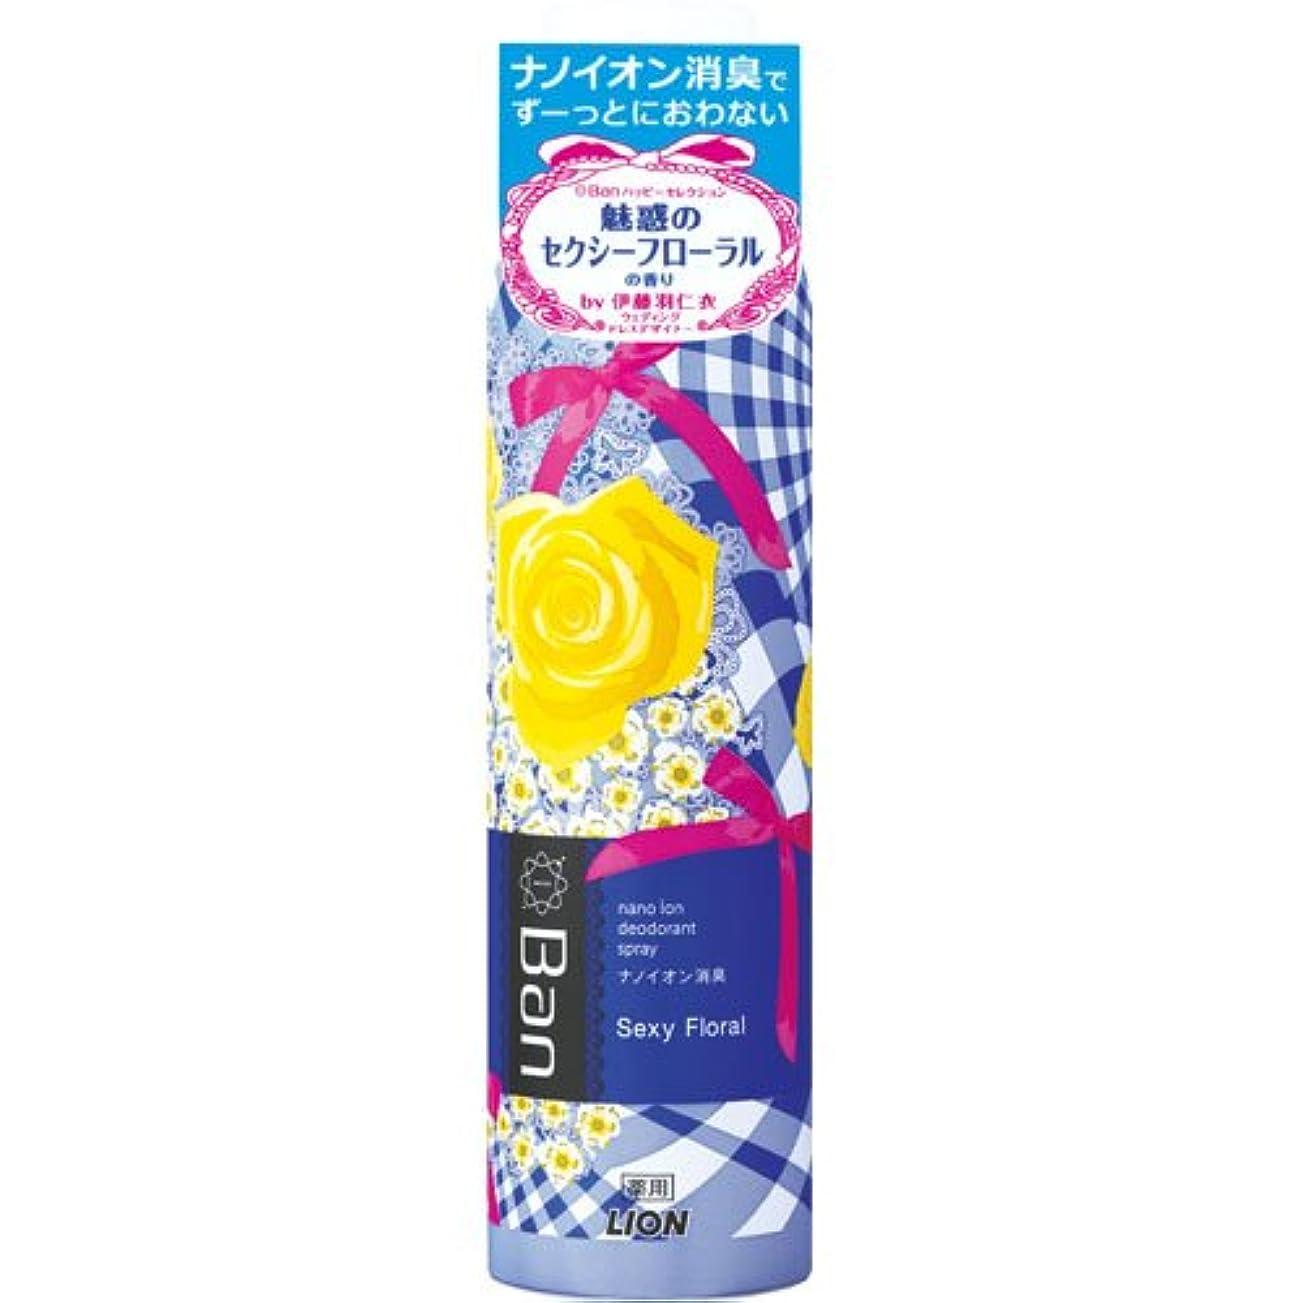 公然とディスカウントゲートBan デオドラントパウダースプレー 魅惑のセクシーフローラルの香り 特大 135g (医薬部外品)